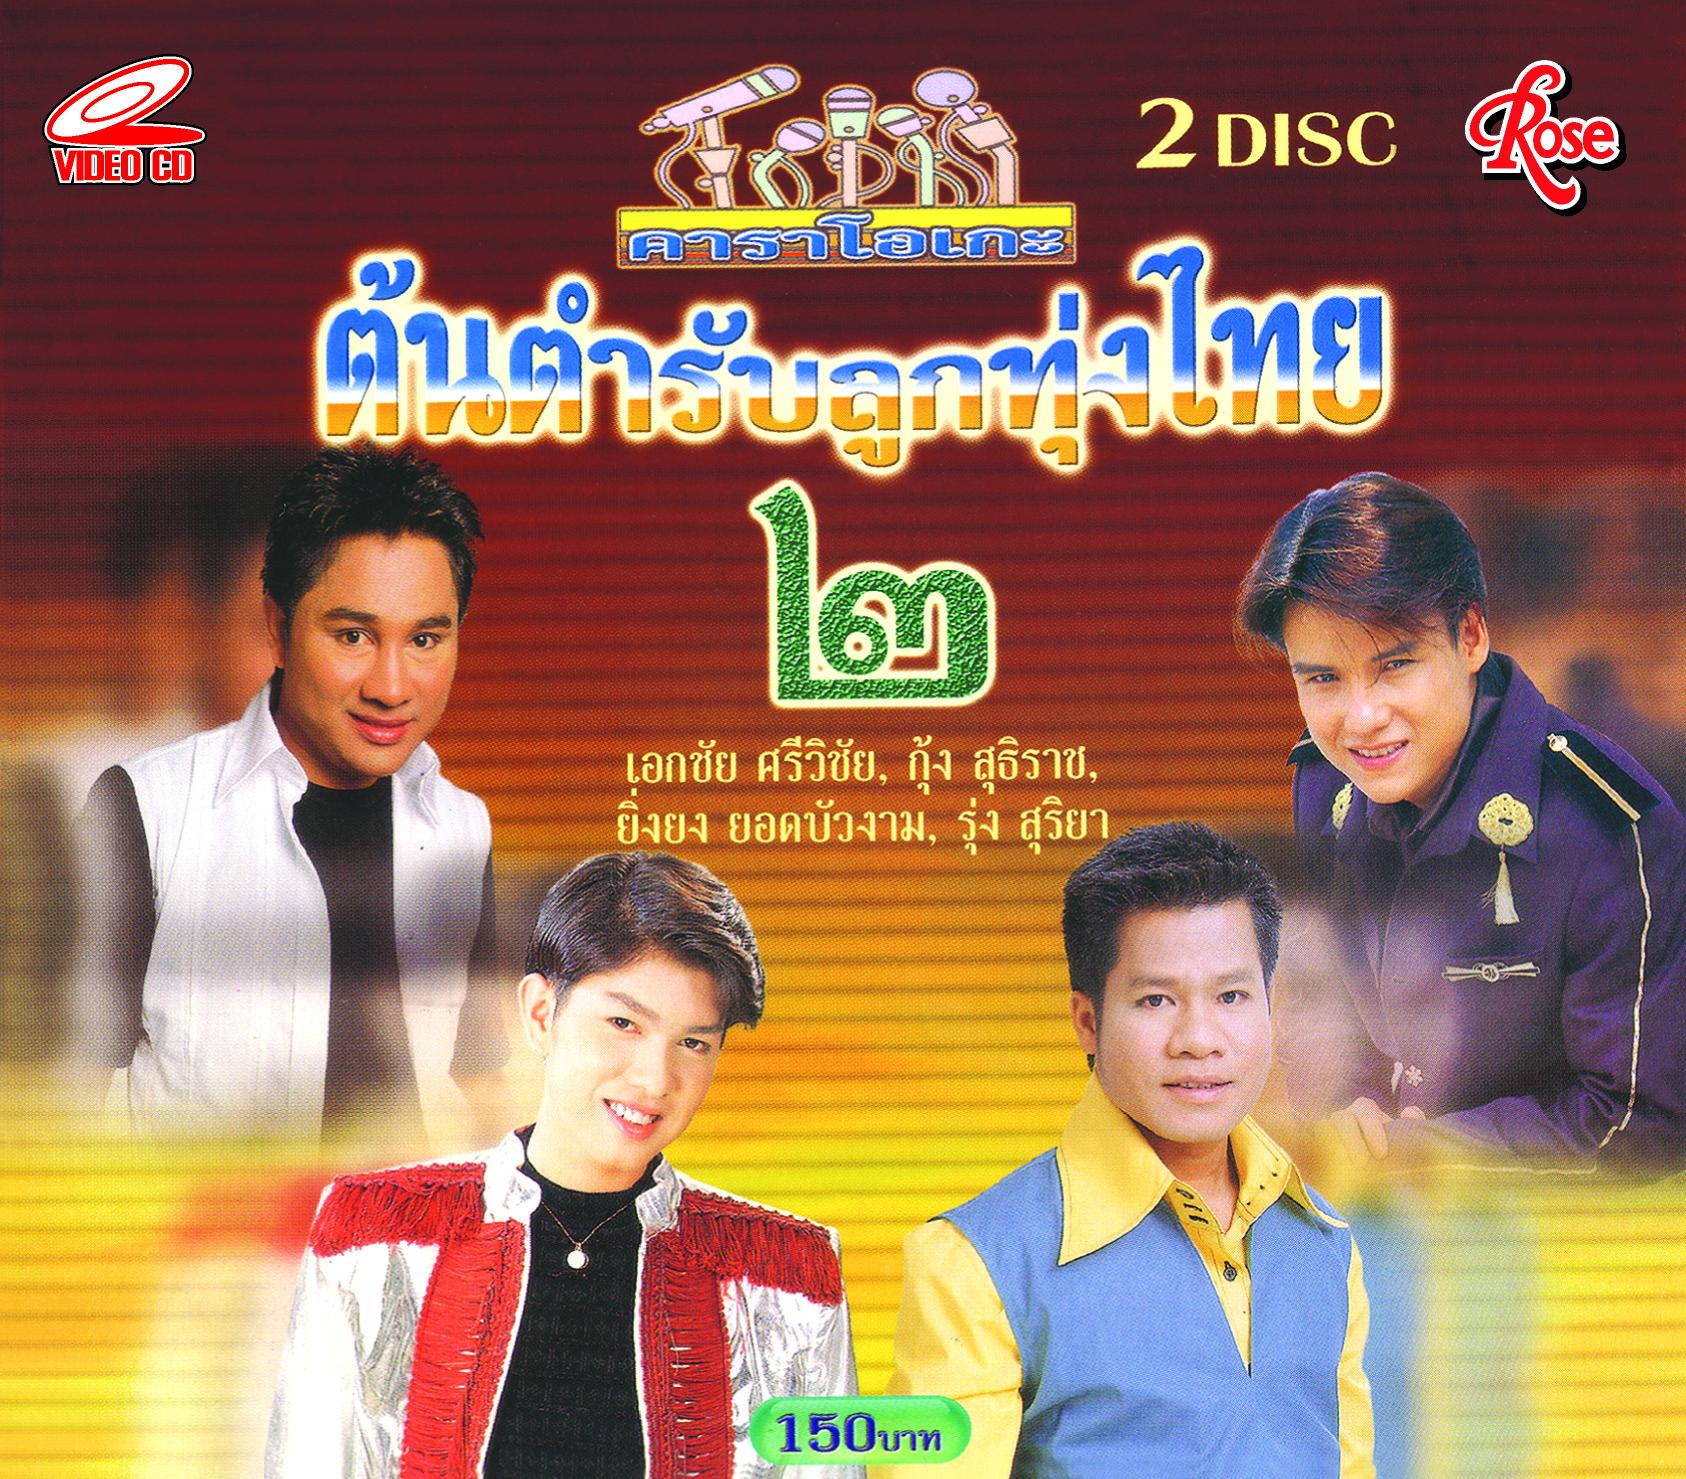 ต้นตำรับลูกทุ่งไทย 2